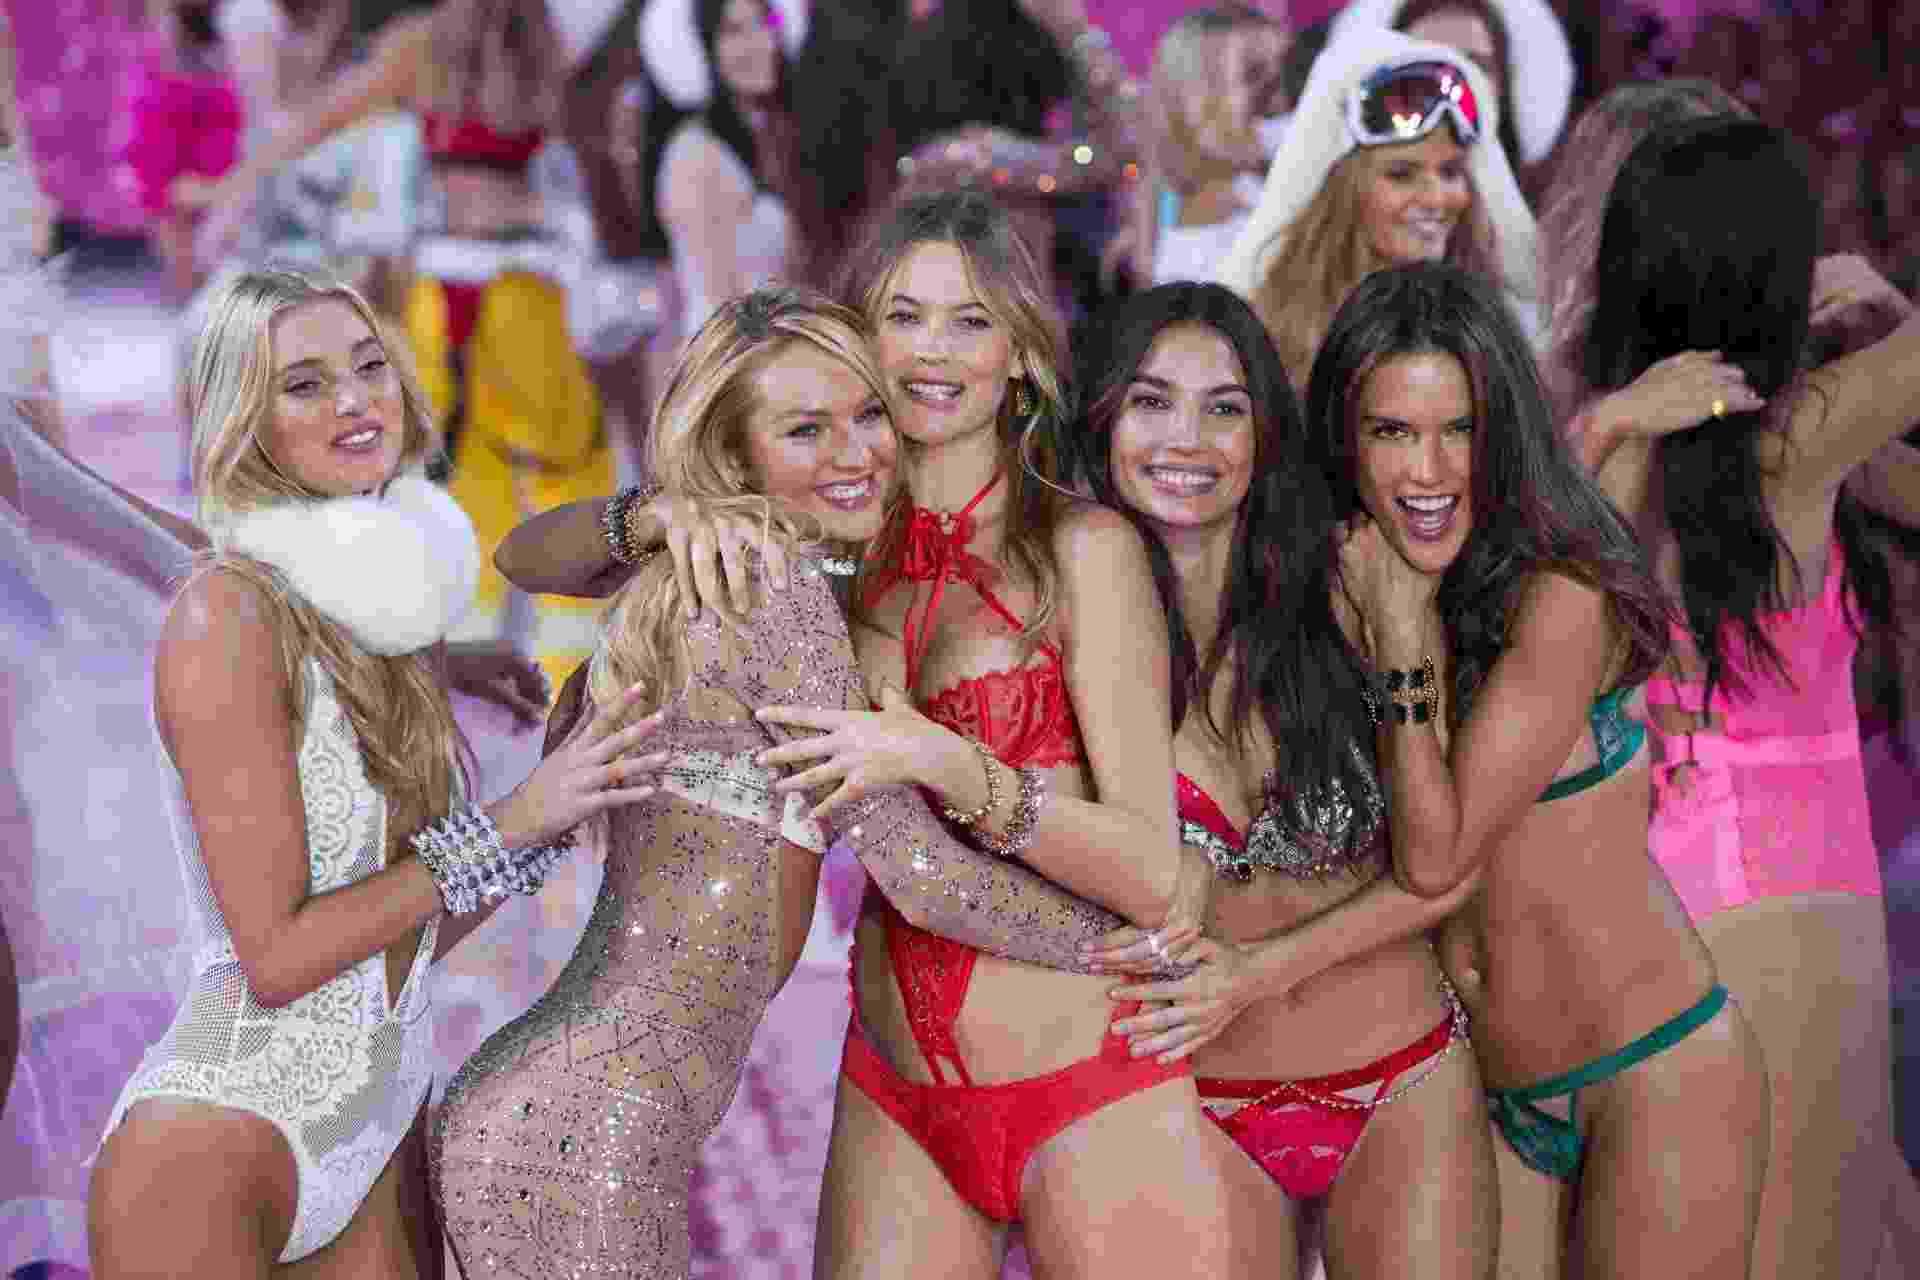 10.nov.2015 - As modelos Martha Hunt, Candance Swanepoel, Behati Prinsloo, Lily Aldridge e Alessandra Ambrósio se abraçam no fim do desfile, que aconteceu em NY e será transmitido em dezembro - Reuters